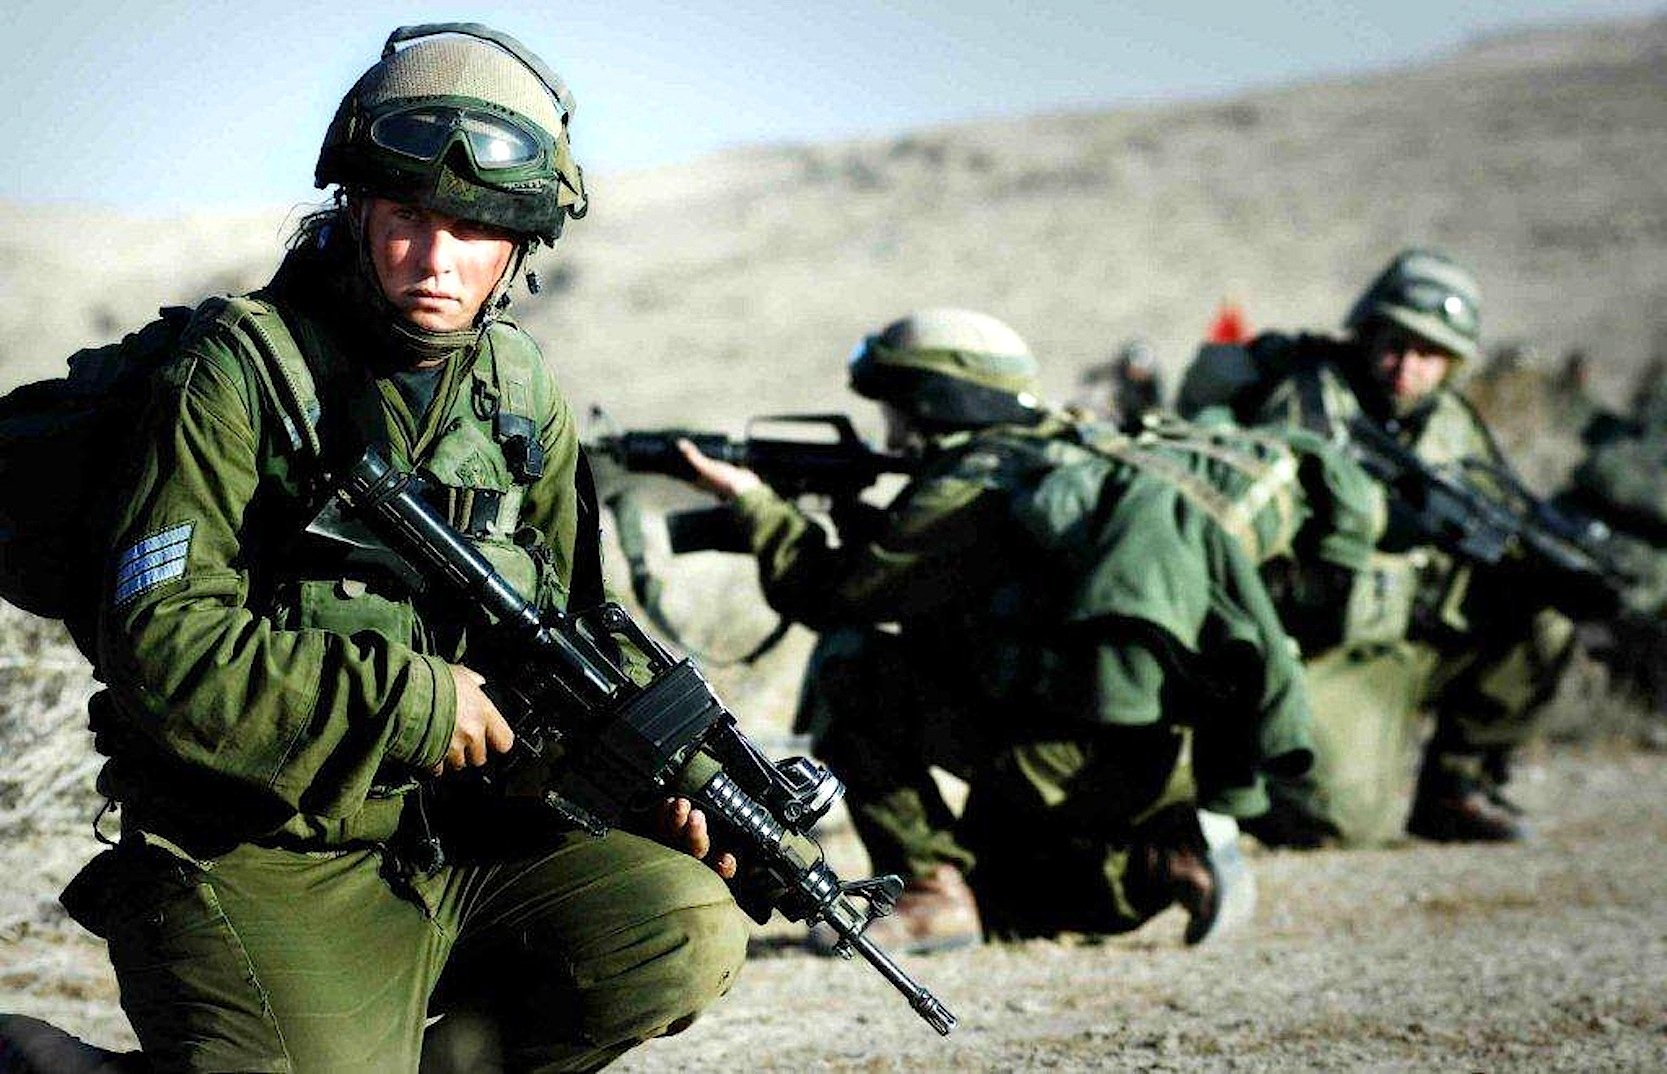 Ausgezeichnet Uns Armee Militär Lebenslauf Bilder - Beispiel ...